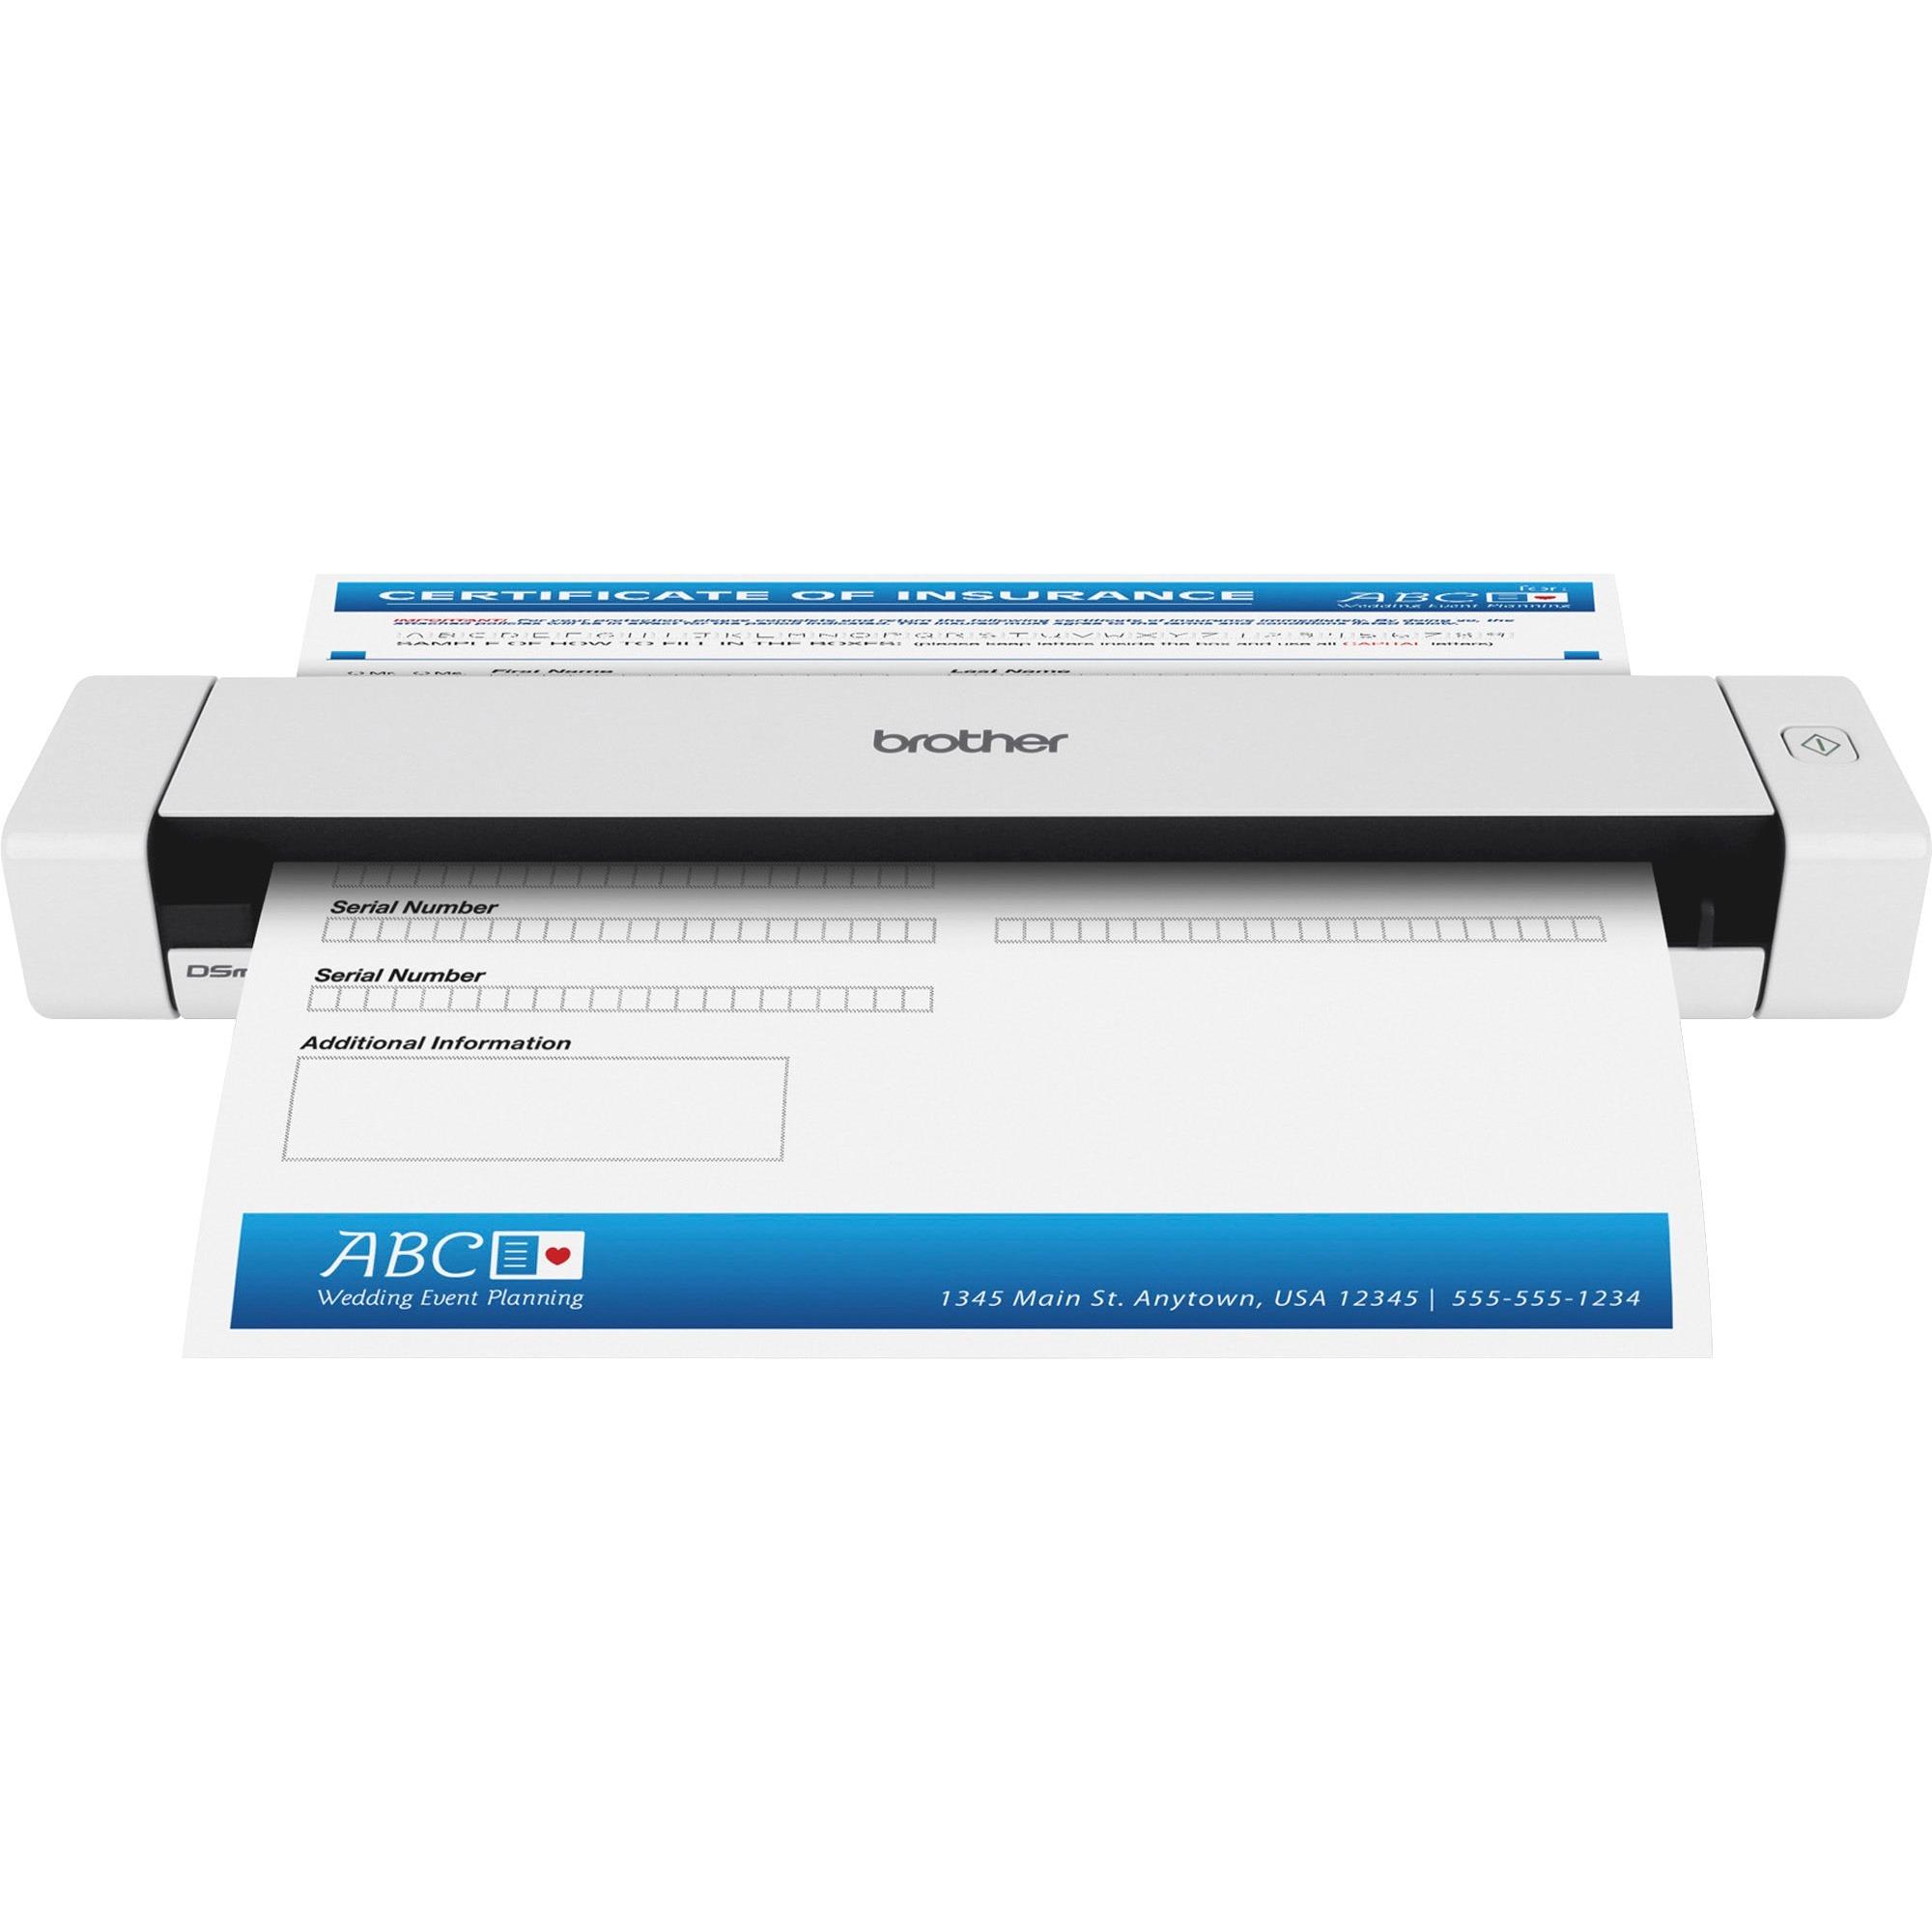 Brother DSmobile DS-620 - Sheetfed Mobile Scanner - Mobile Scanner - 600  dpi x 600 dpi - USB 2 0 - 24-bit color